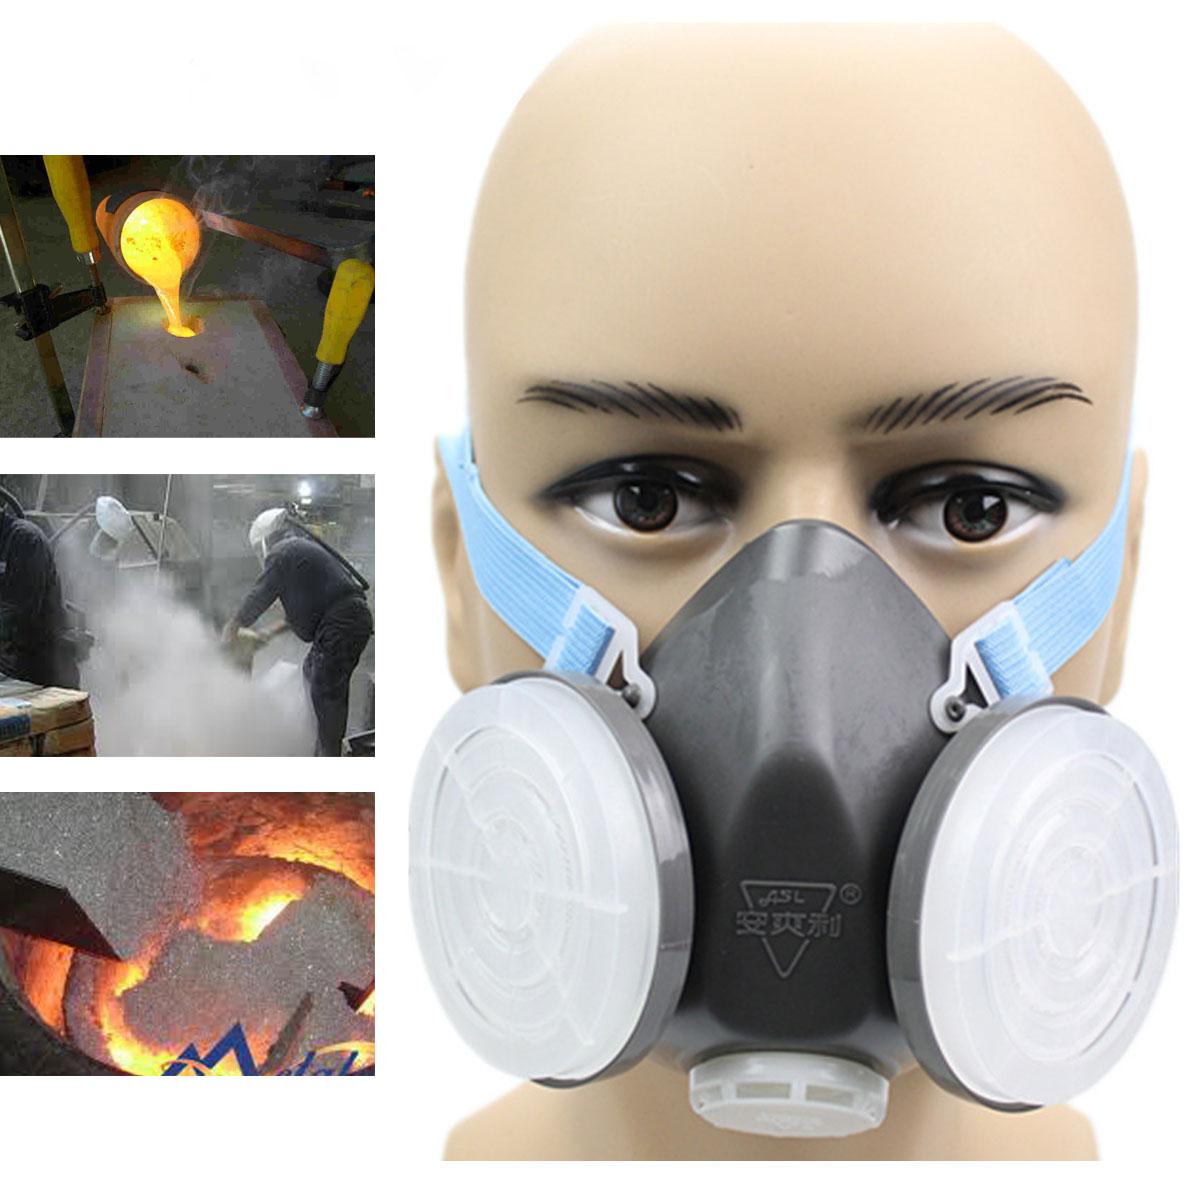 Анти Пылезащитный респиратор для газовой безопасности наполовину Маска Фильтр для химического распыления Инструмент